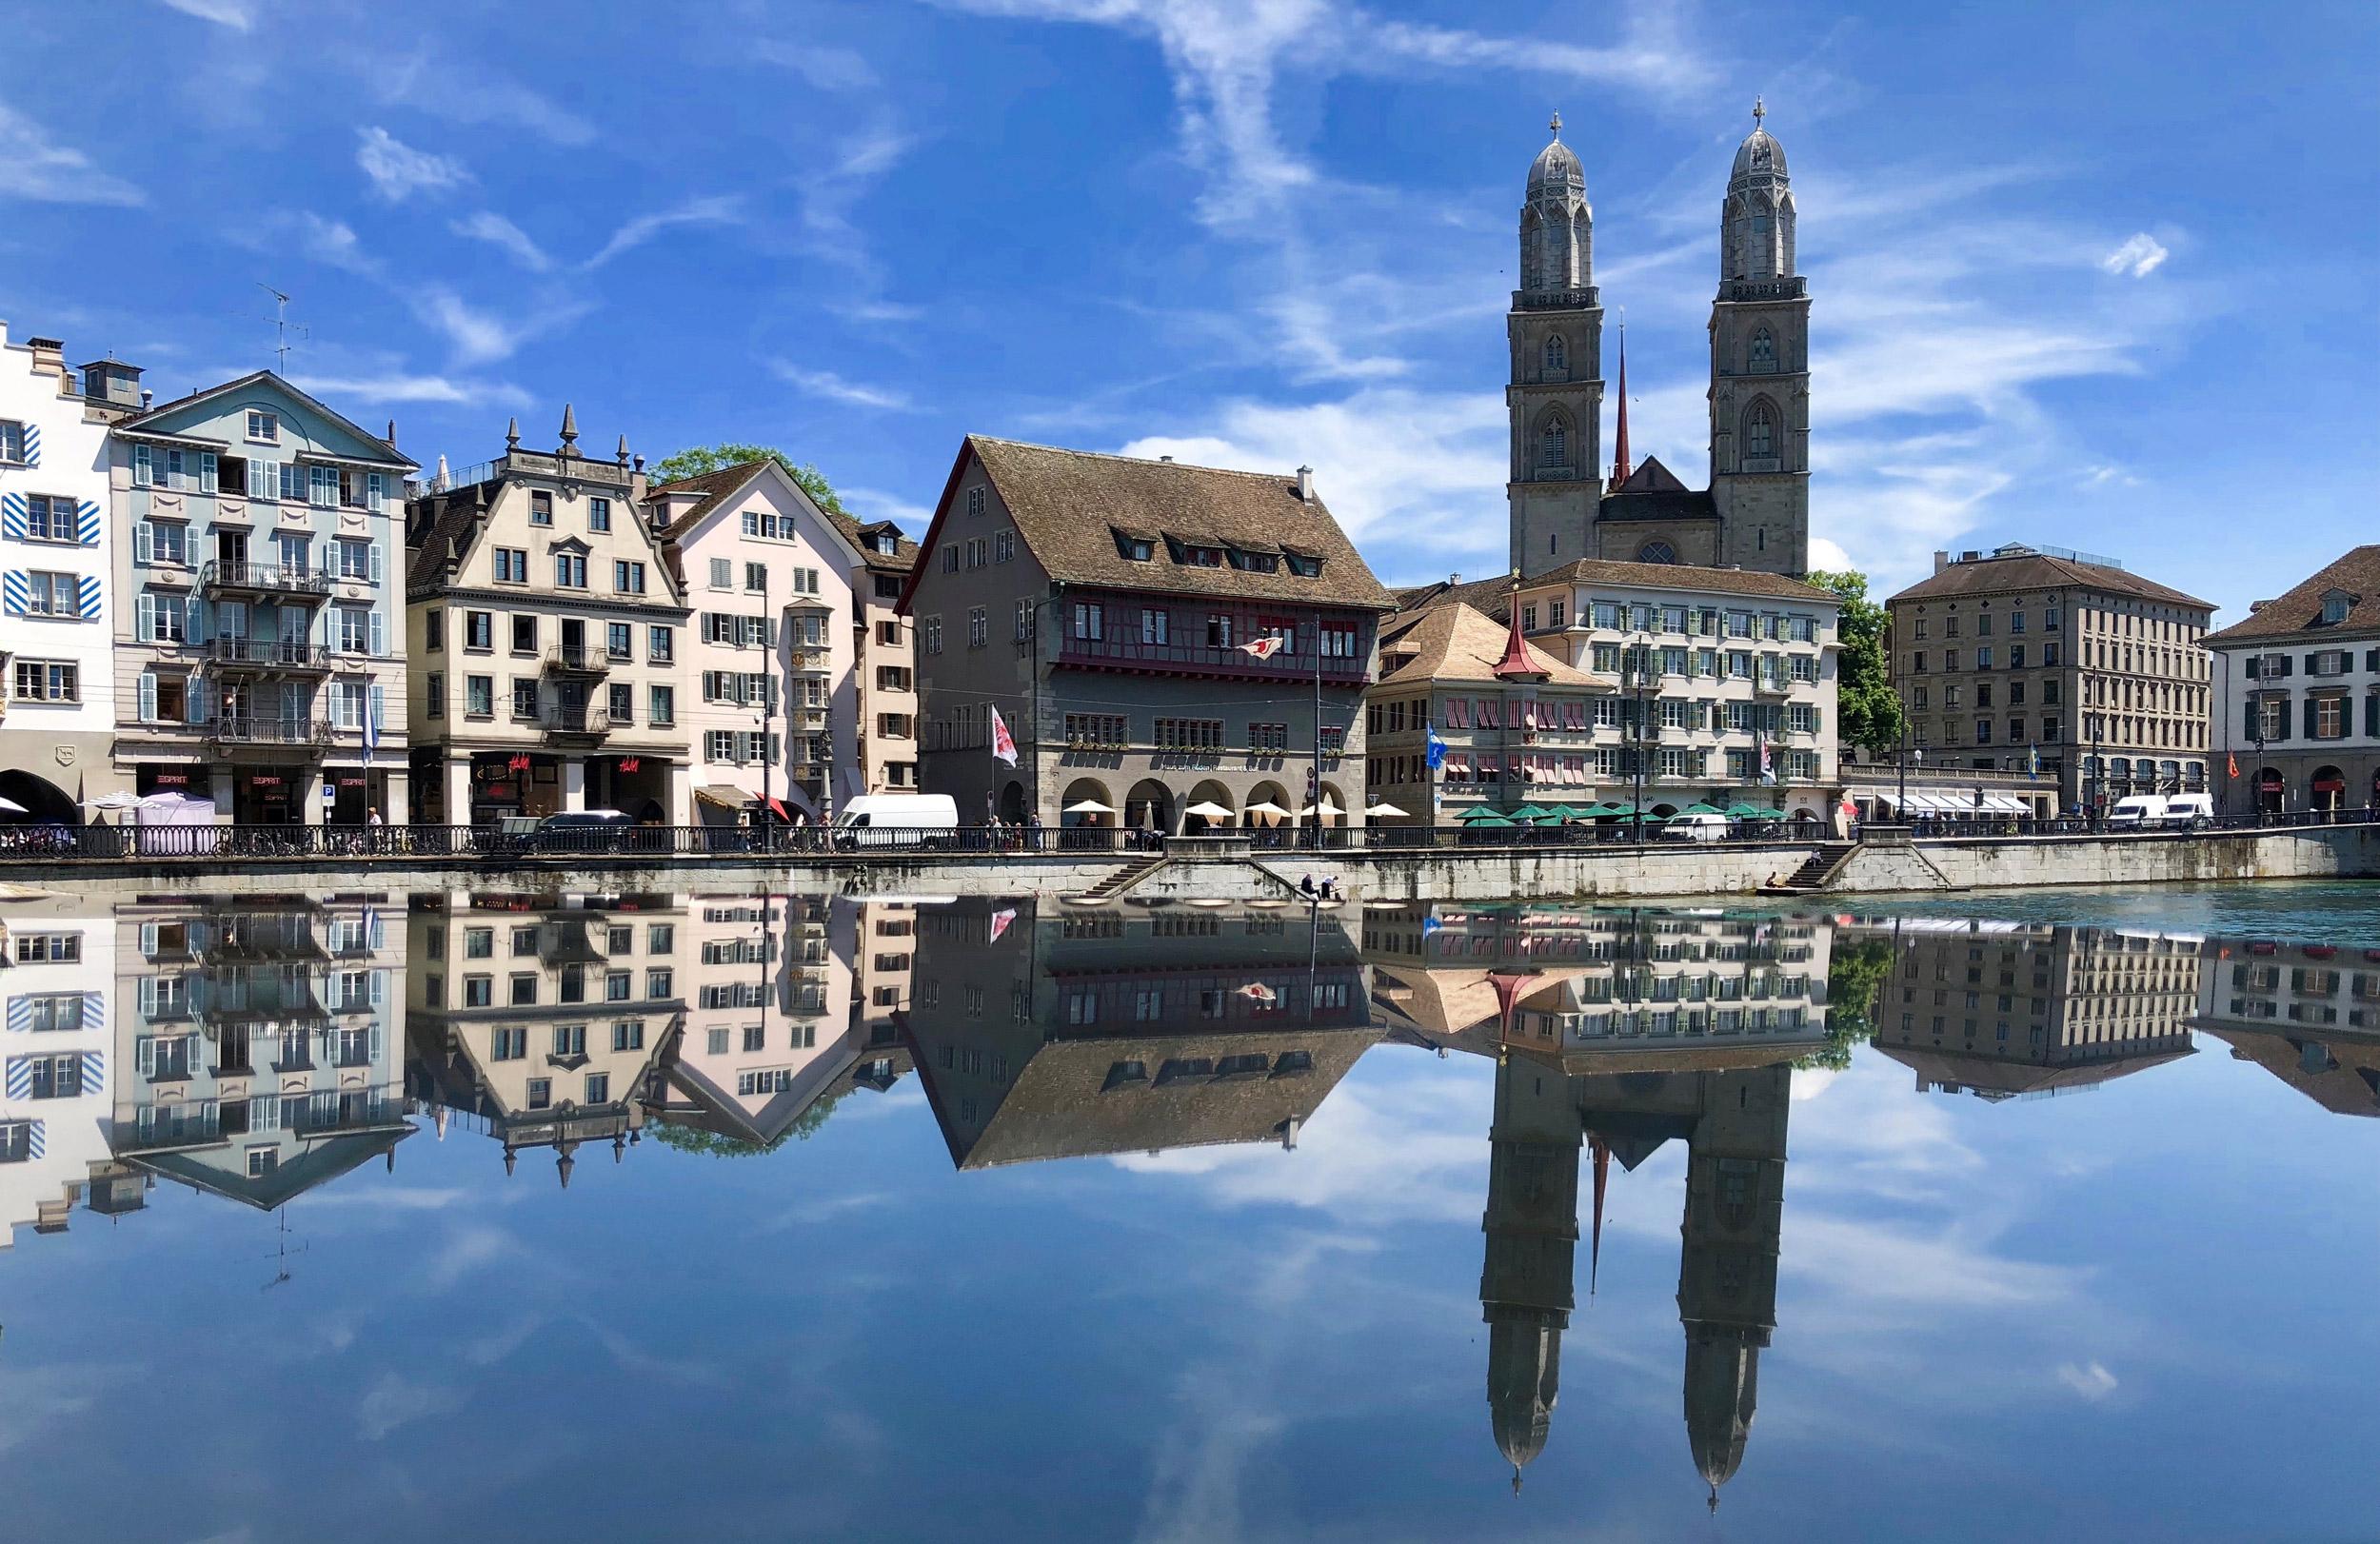 NikasPhotography-Zurich-Photo-Tours.jpg